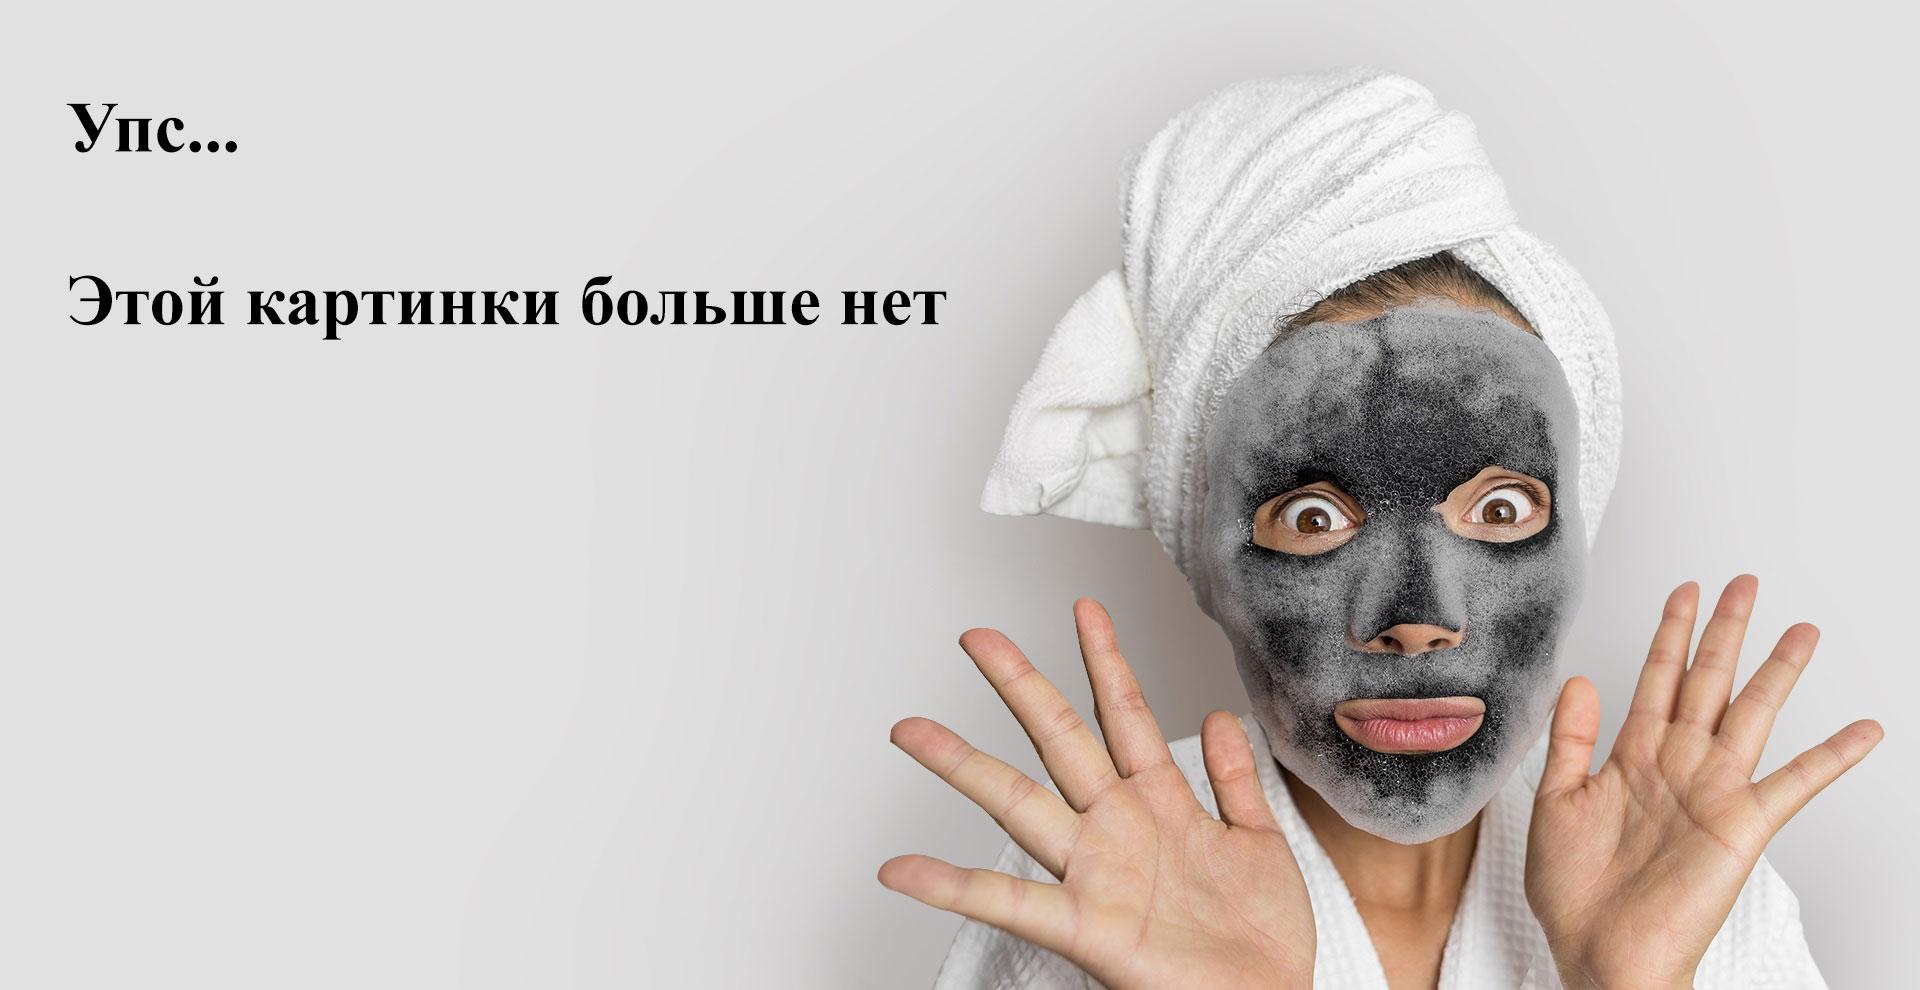 SHIK, Кисть для макияжа №41Т, синтетическая